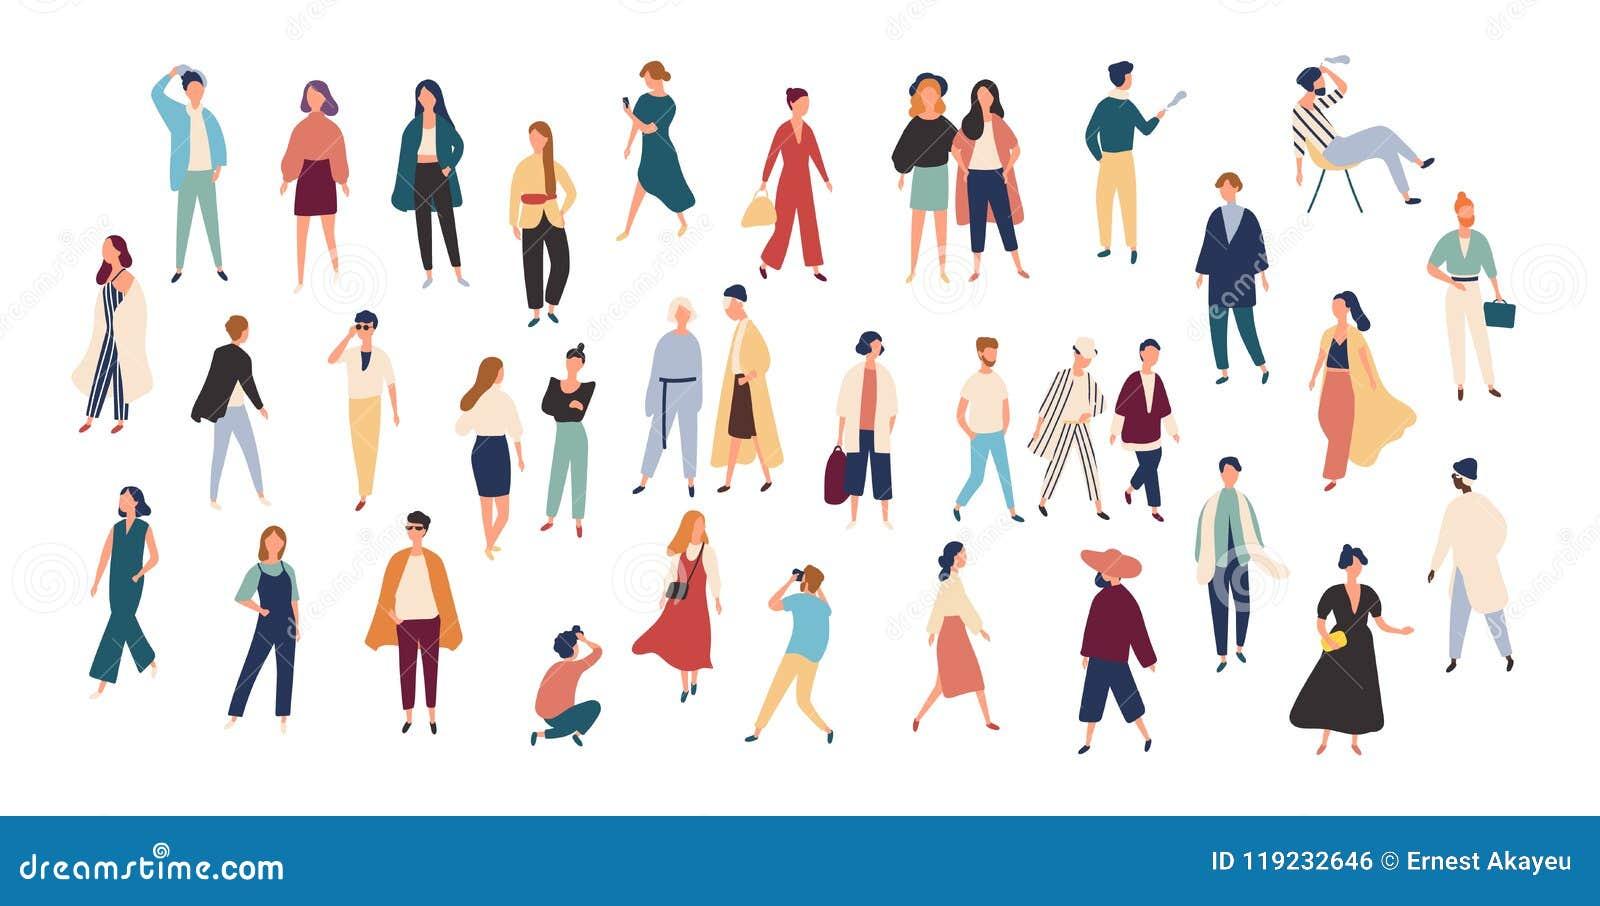 Menigte van uiterst kleine mensen die modieuze kleren dragen Modieuze mannen en vrouwen bij manierweek Groep mannetje en wijfje